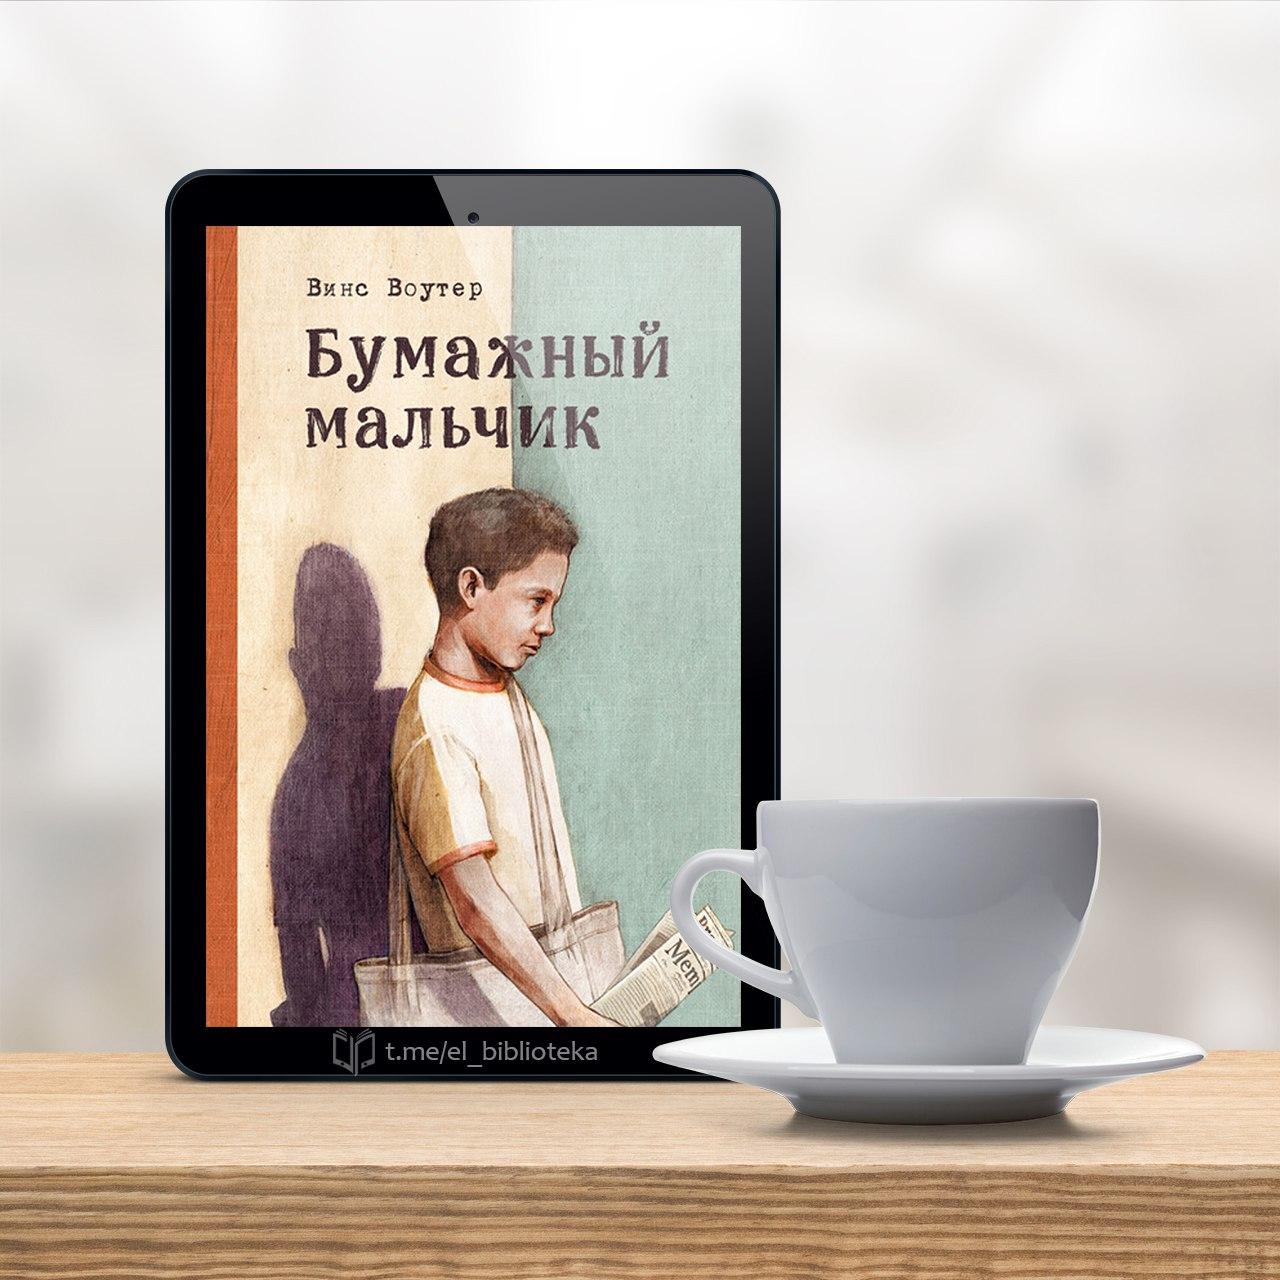  Бумажный мальчик  Авторы:  Воутер_Винс  Год издания: 2021  Серия:...